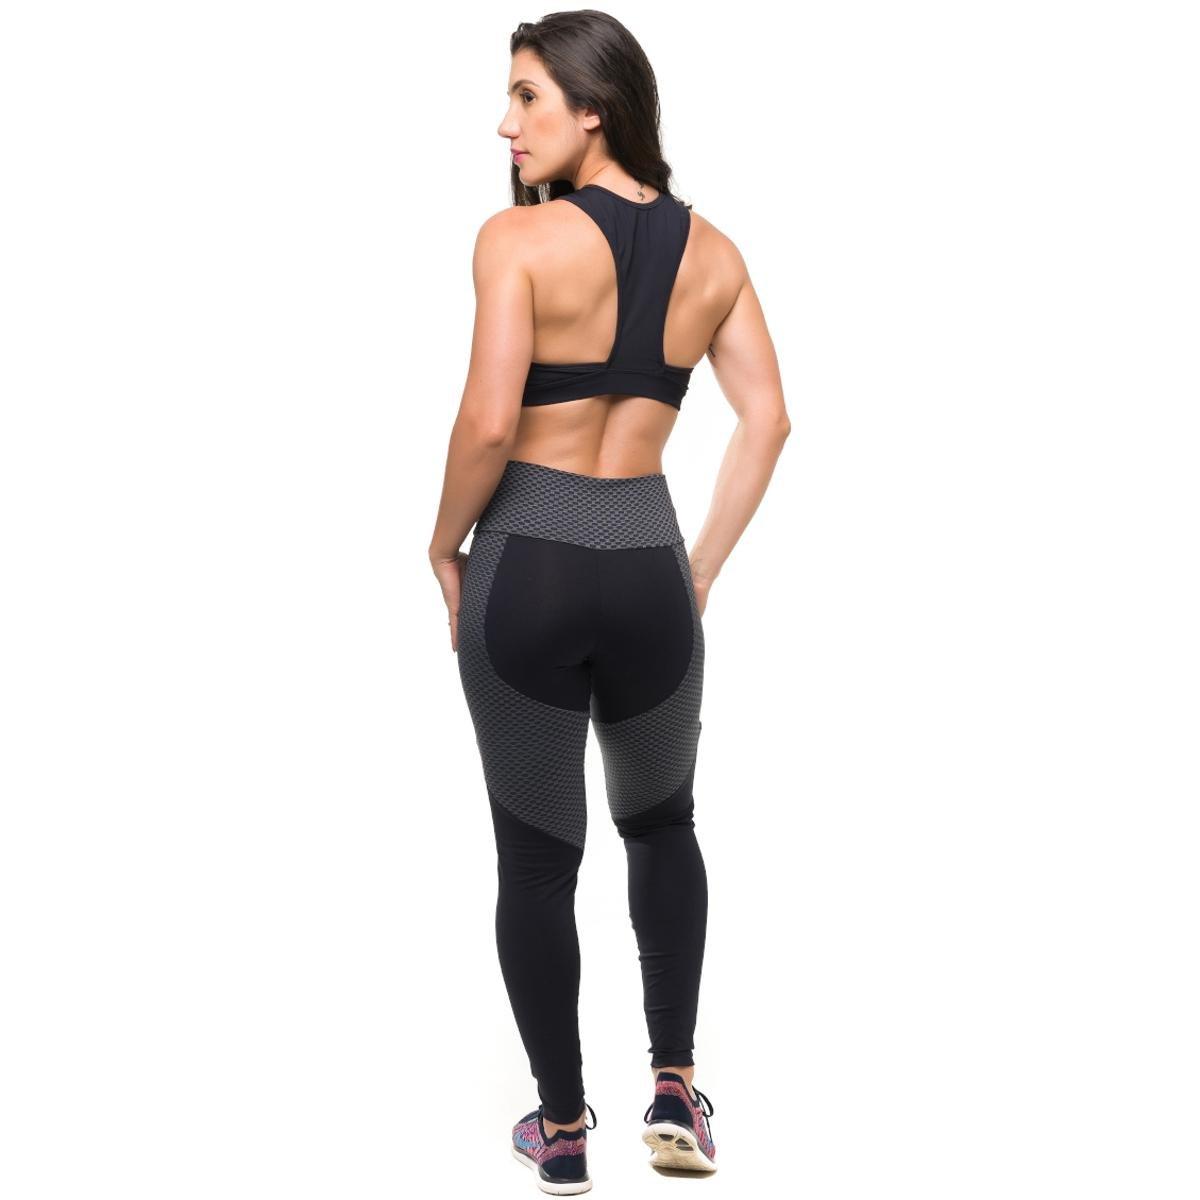 Gym Athletic Top Com Conjunto Proteção Feminino Solar Legging Fitness Preto Sandy a5dxxq